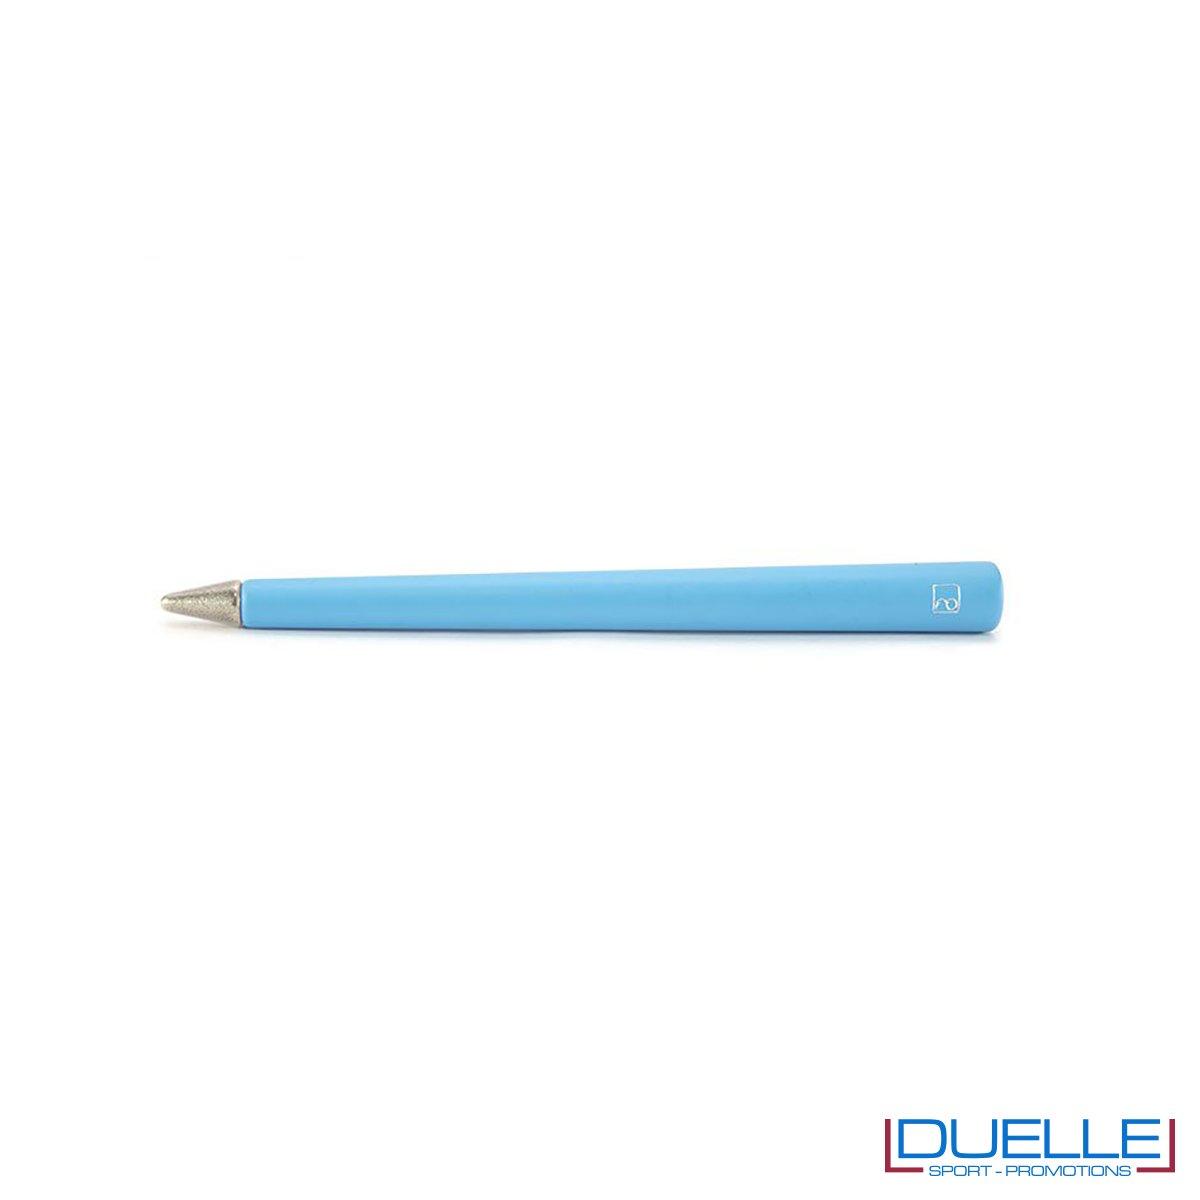 matita inifita personalizzata primina in colore azzurro, regali aziendali personalizzabili azzurri